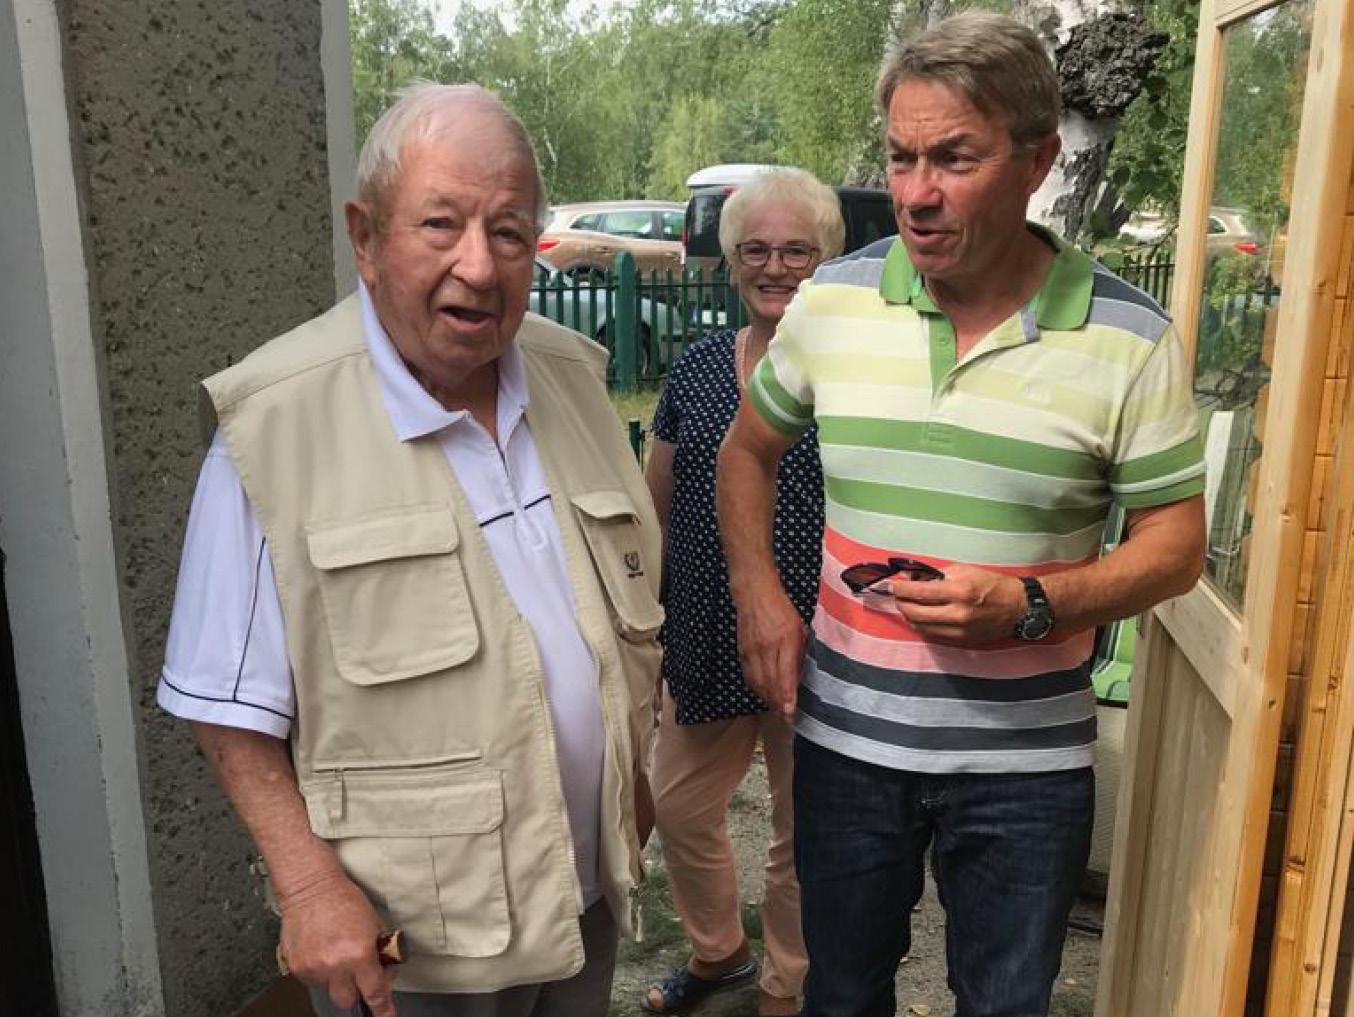 Vereinsvorsitzender Ludwig Otto begrüßt den Präsidenten des Landesangelverbandes Brandenburg Günter Baaske am Vereinsbungalow des Angelsportverein Sängerstadt Finsterwalde.